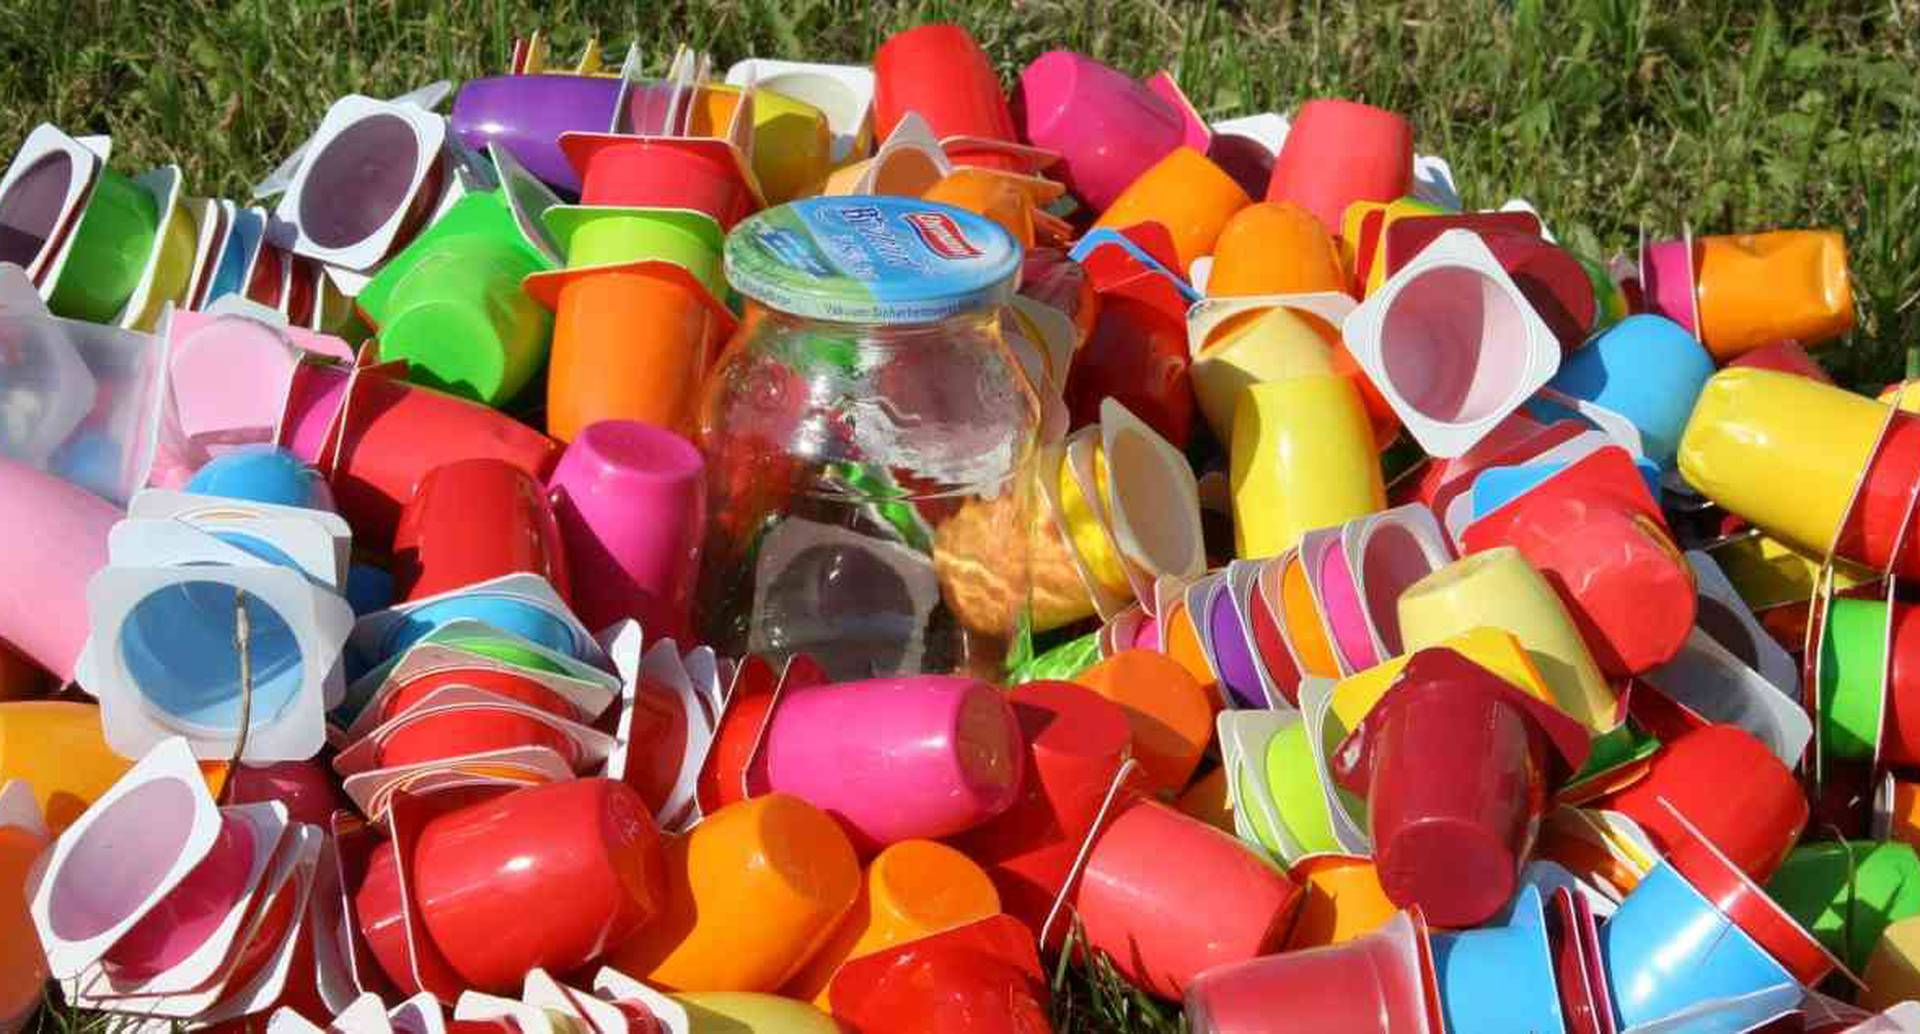 La lucha contra los plásticos de un solo uso continúa. Canadá se suma a esta causa. Foto: Pixabay